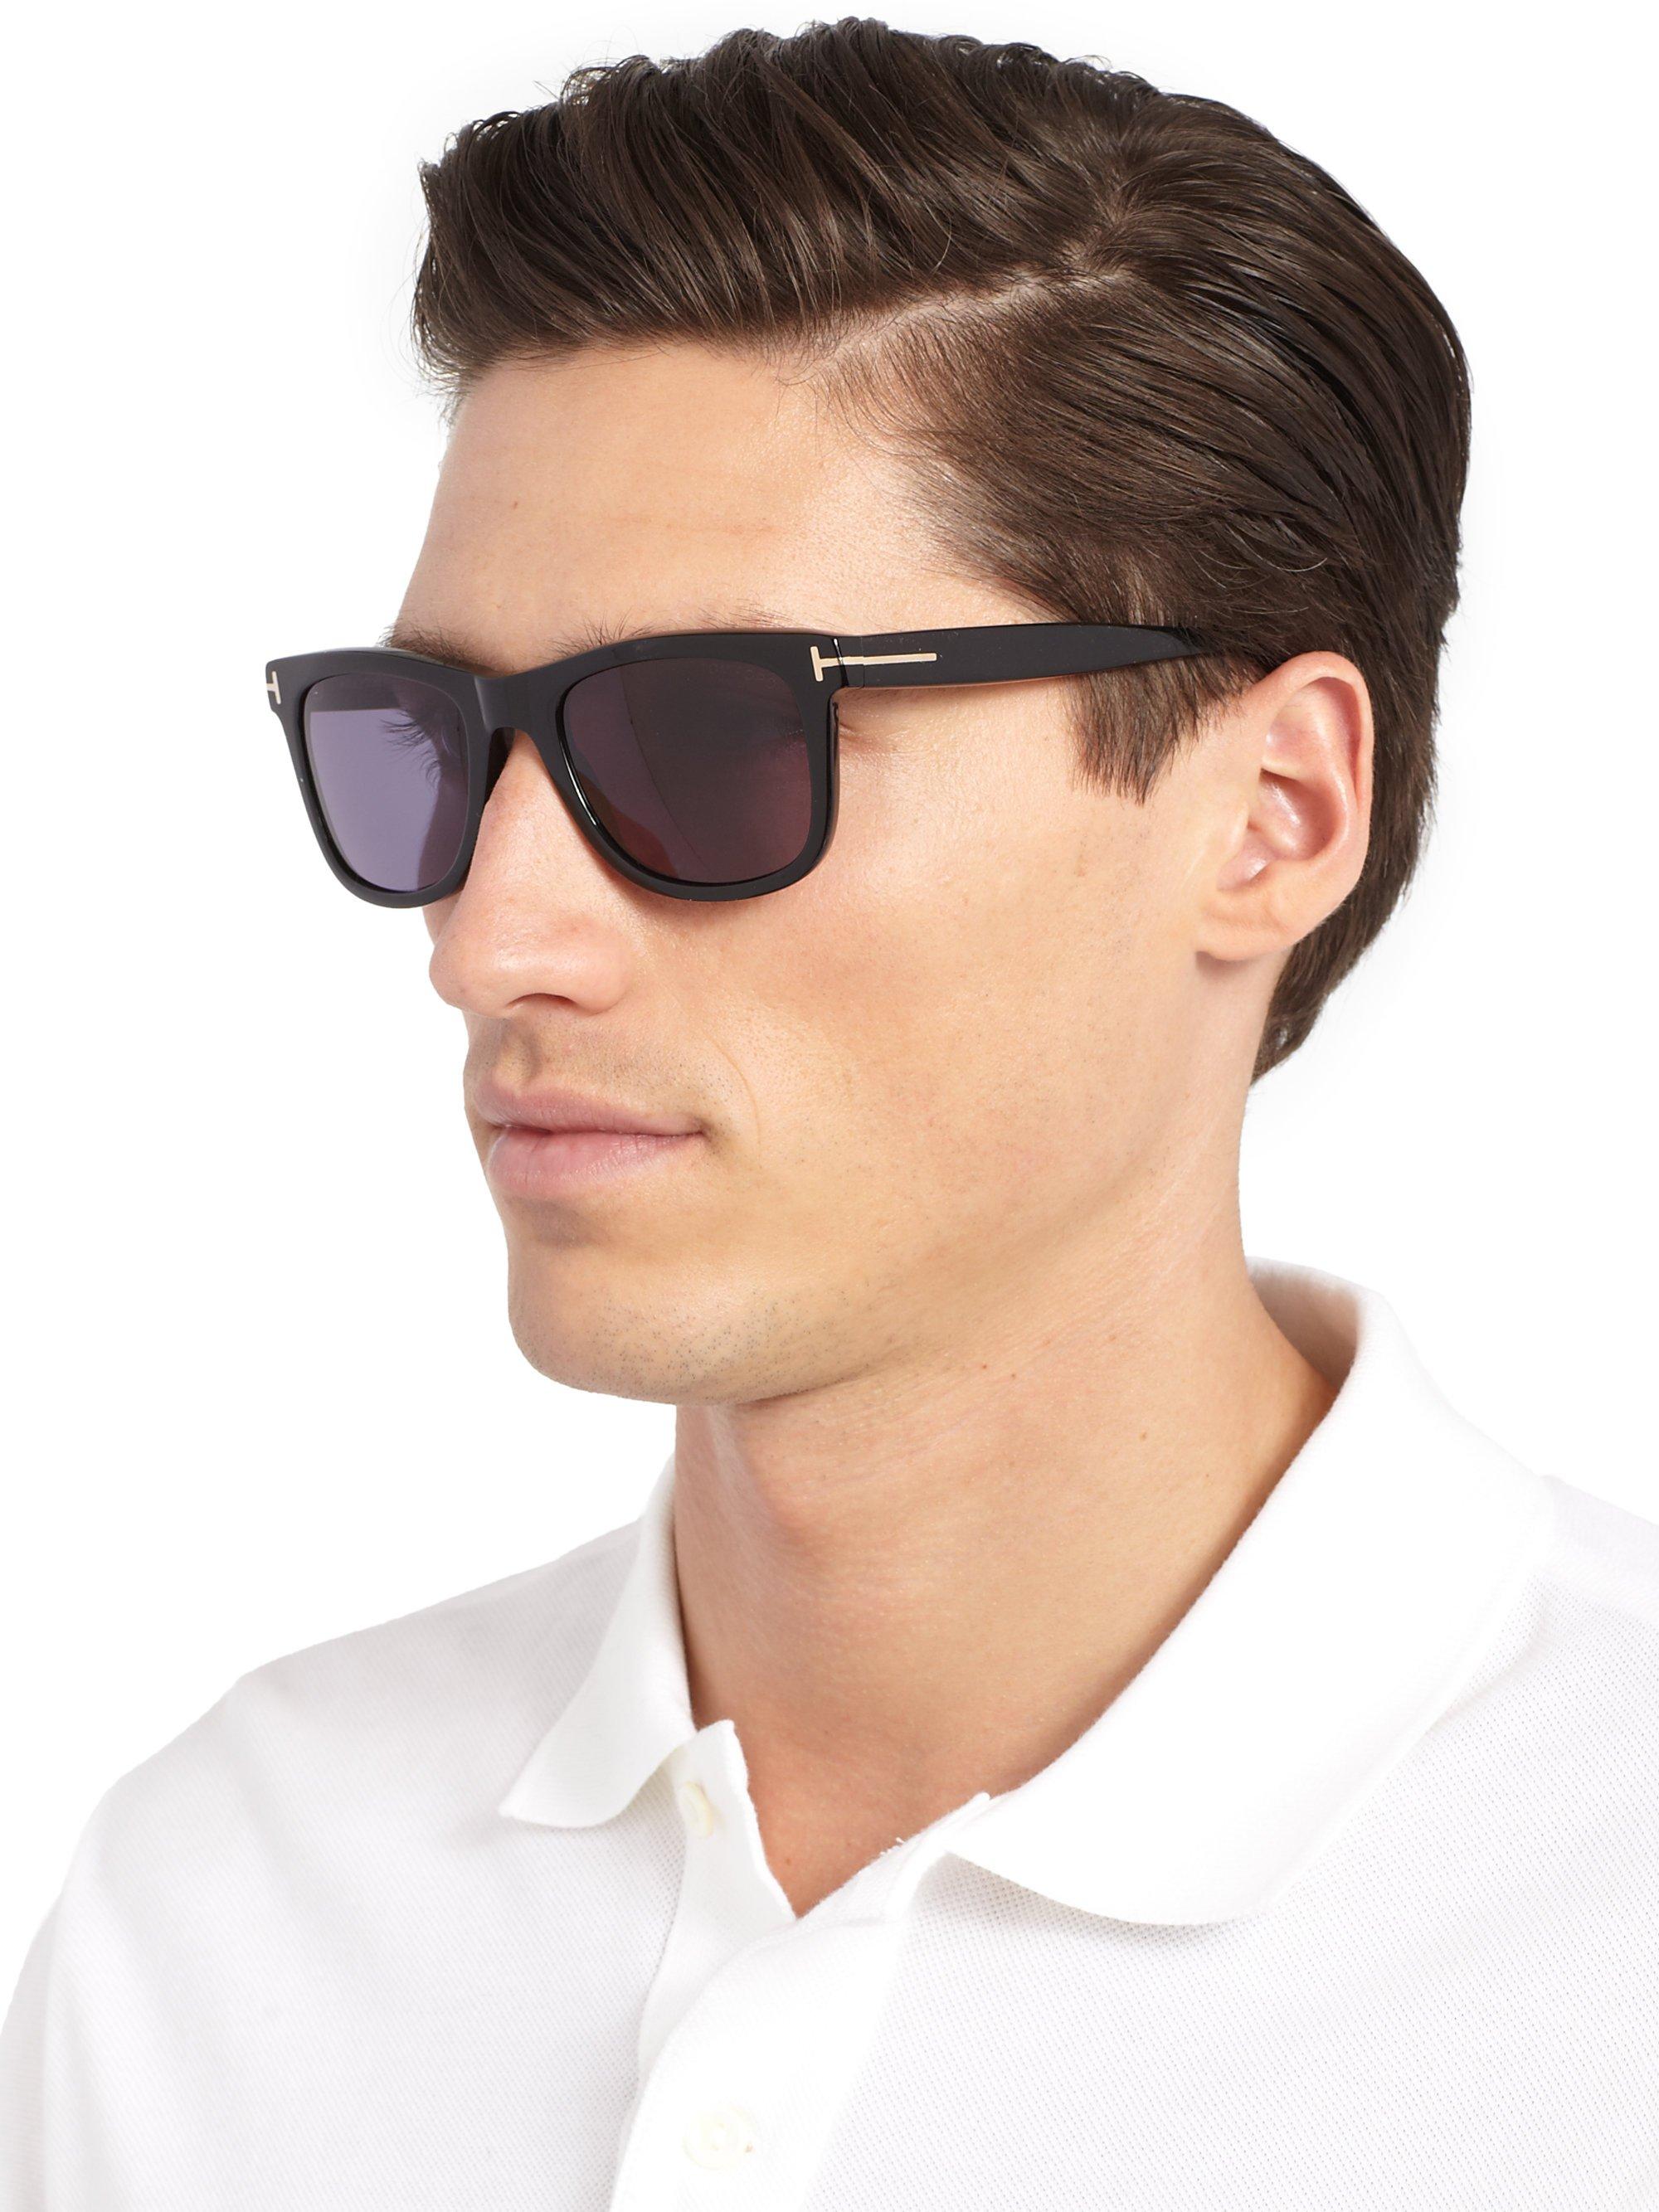 lyst tom ford leo sunglasses in black for men. Black Bedroom Furniture Sets. Home Design Ideas